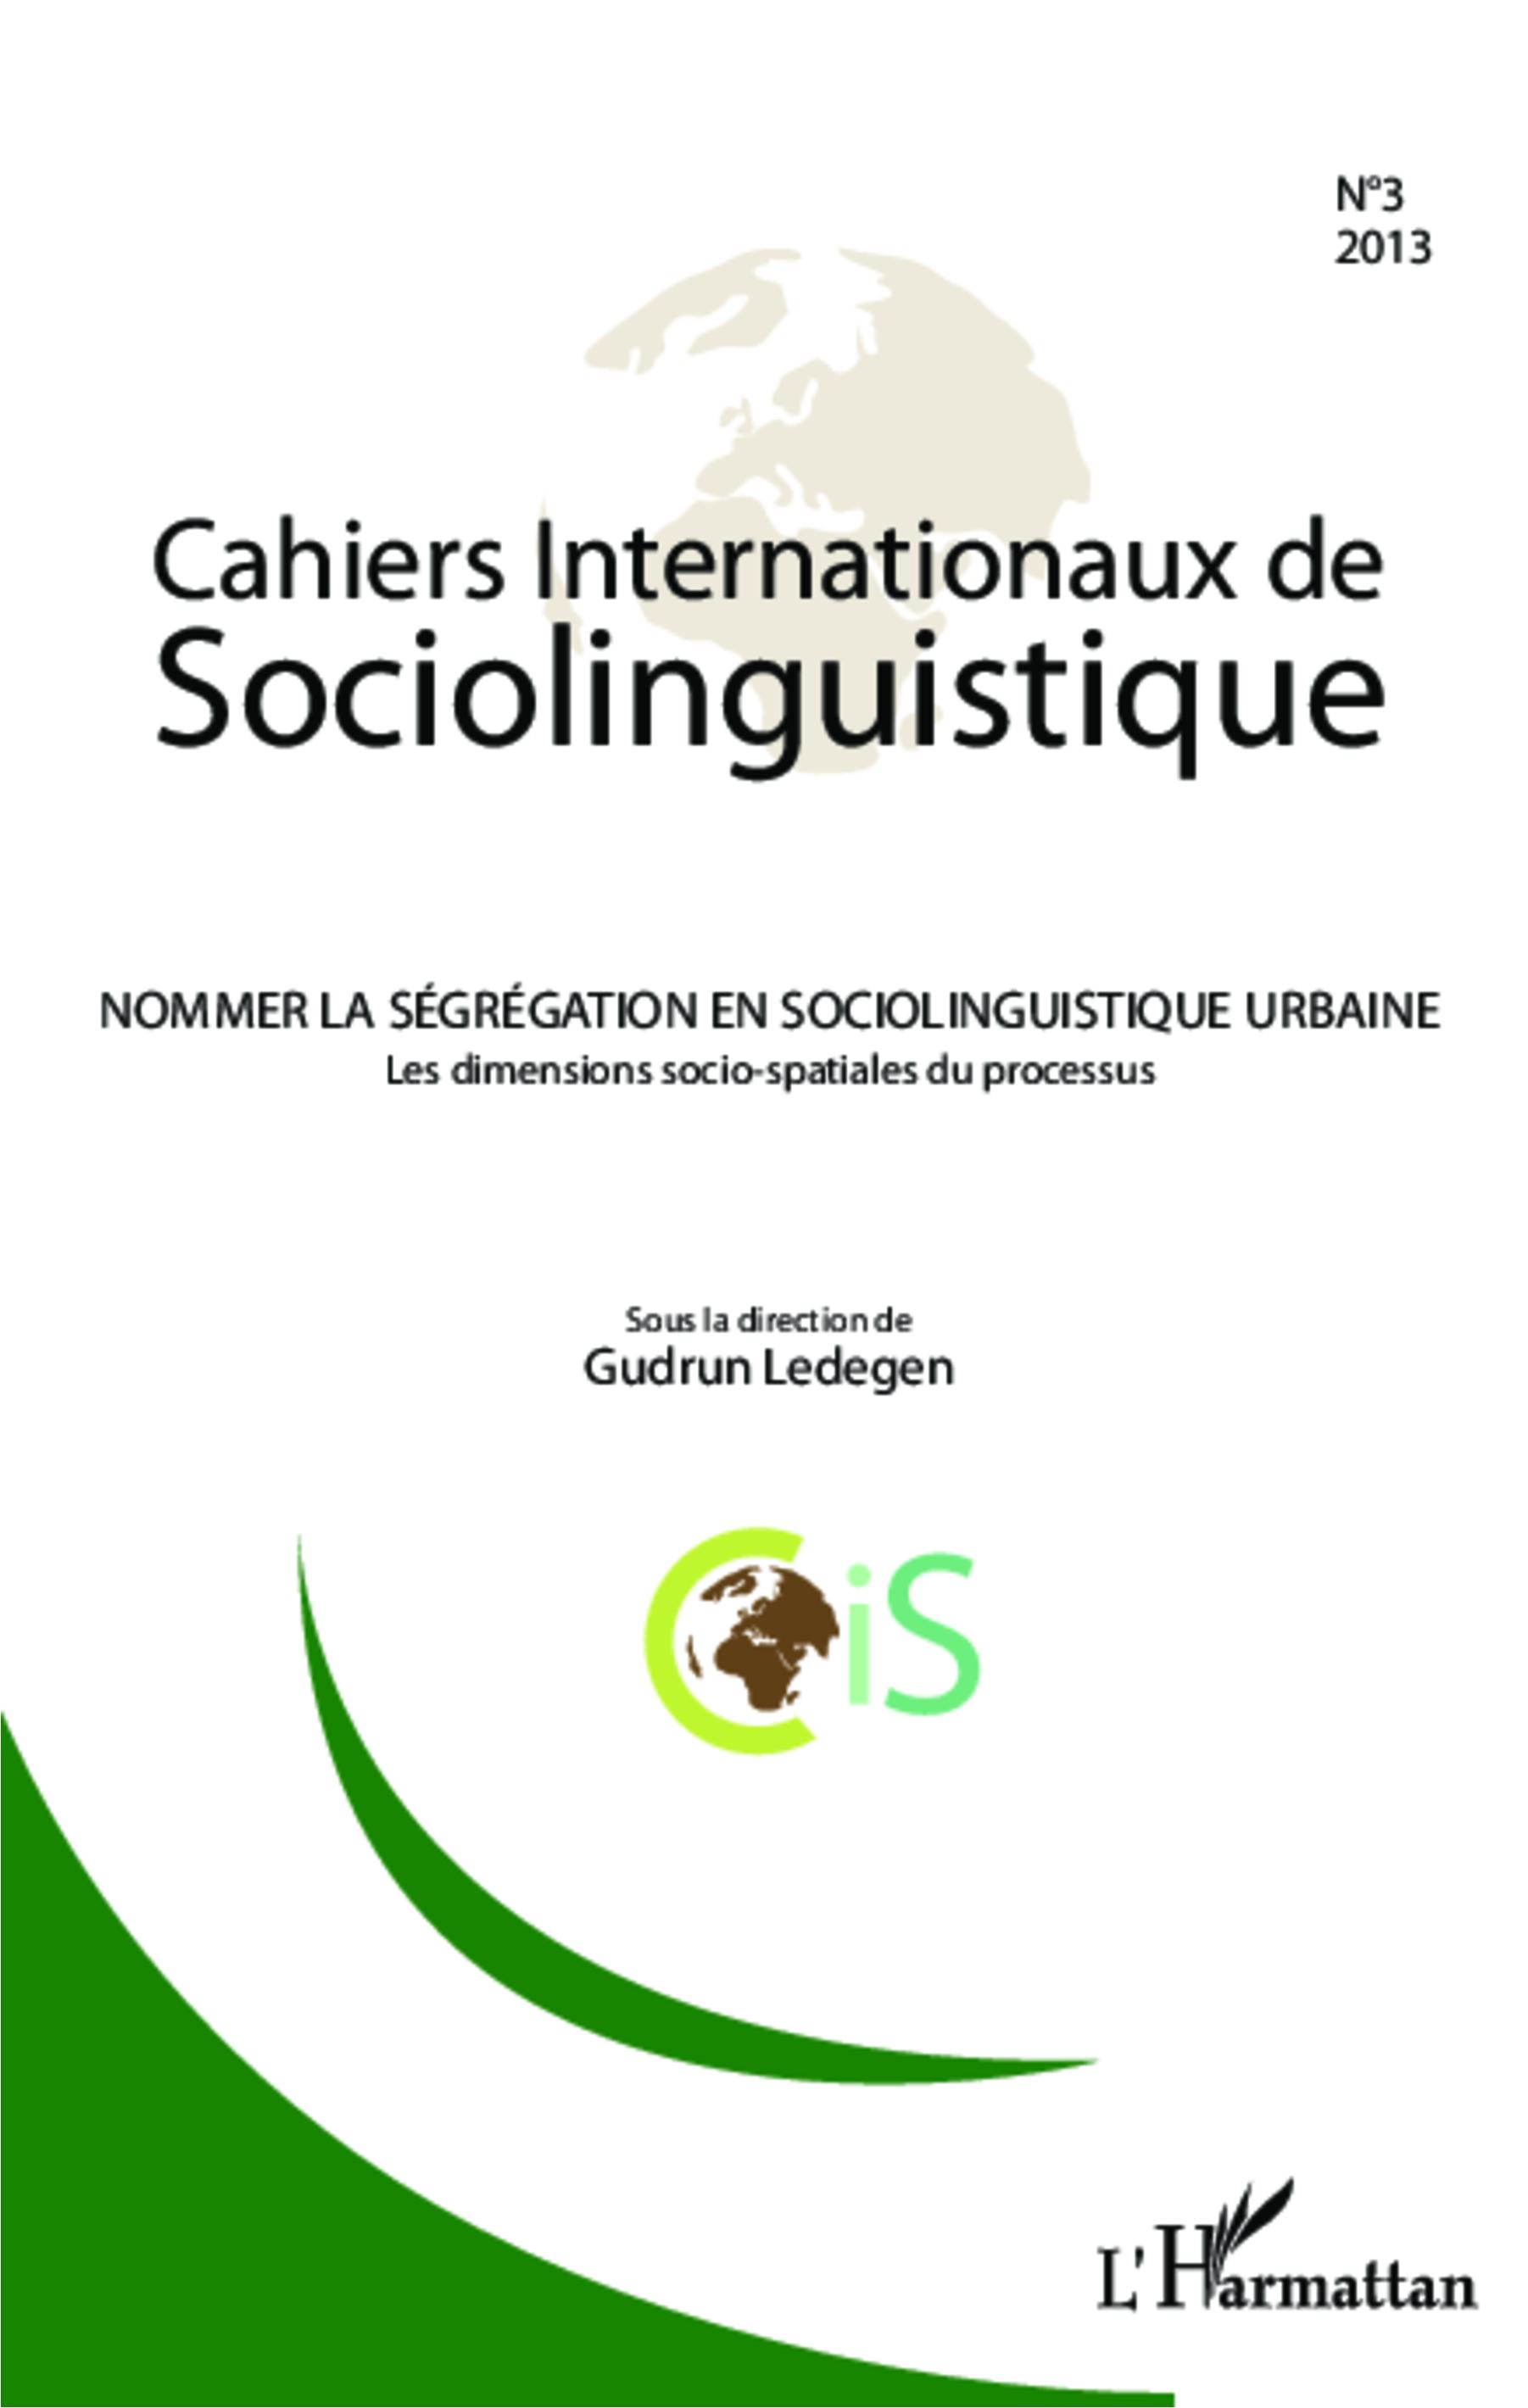 C COMME CAILLERA GRATUITEMENT DOCUMENTAIRE TÉLÉCHARGER